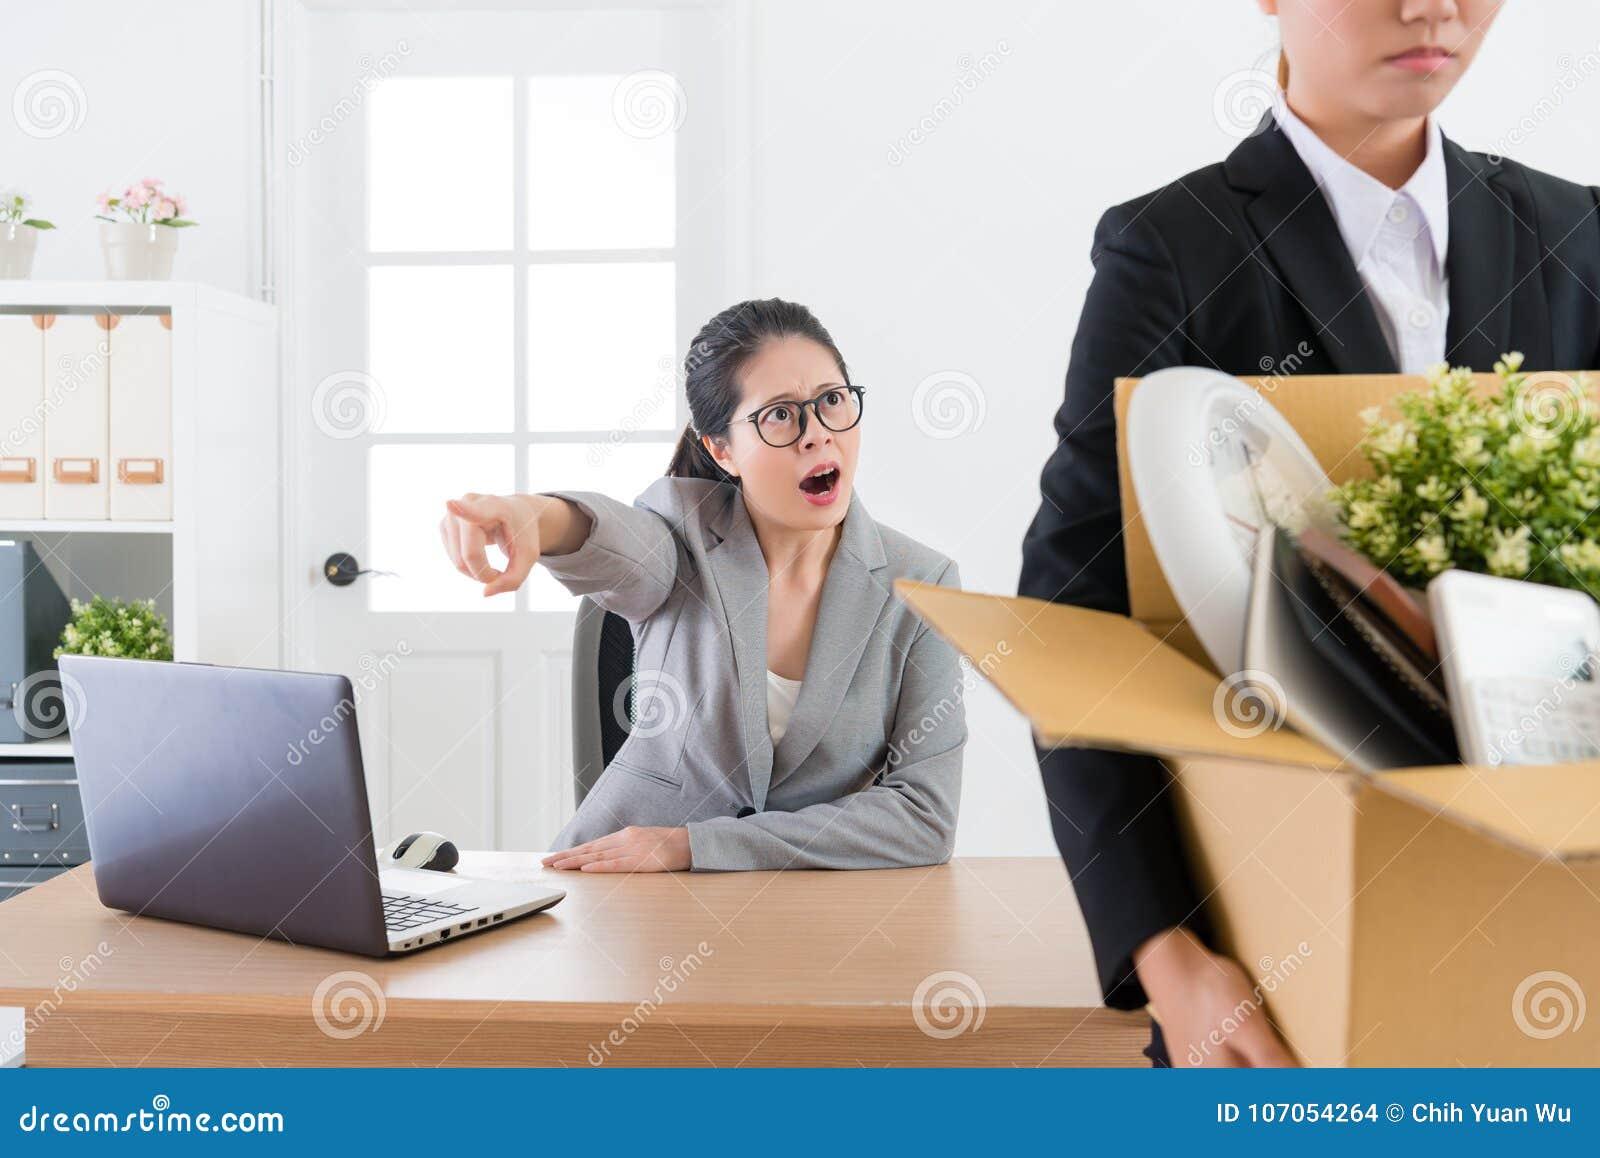 De werknemersmeisje van de bedrijfsleider schreeuwend schuld